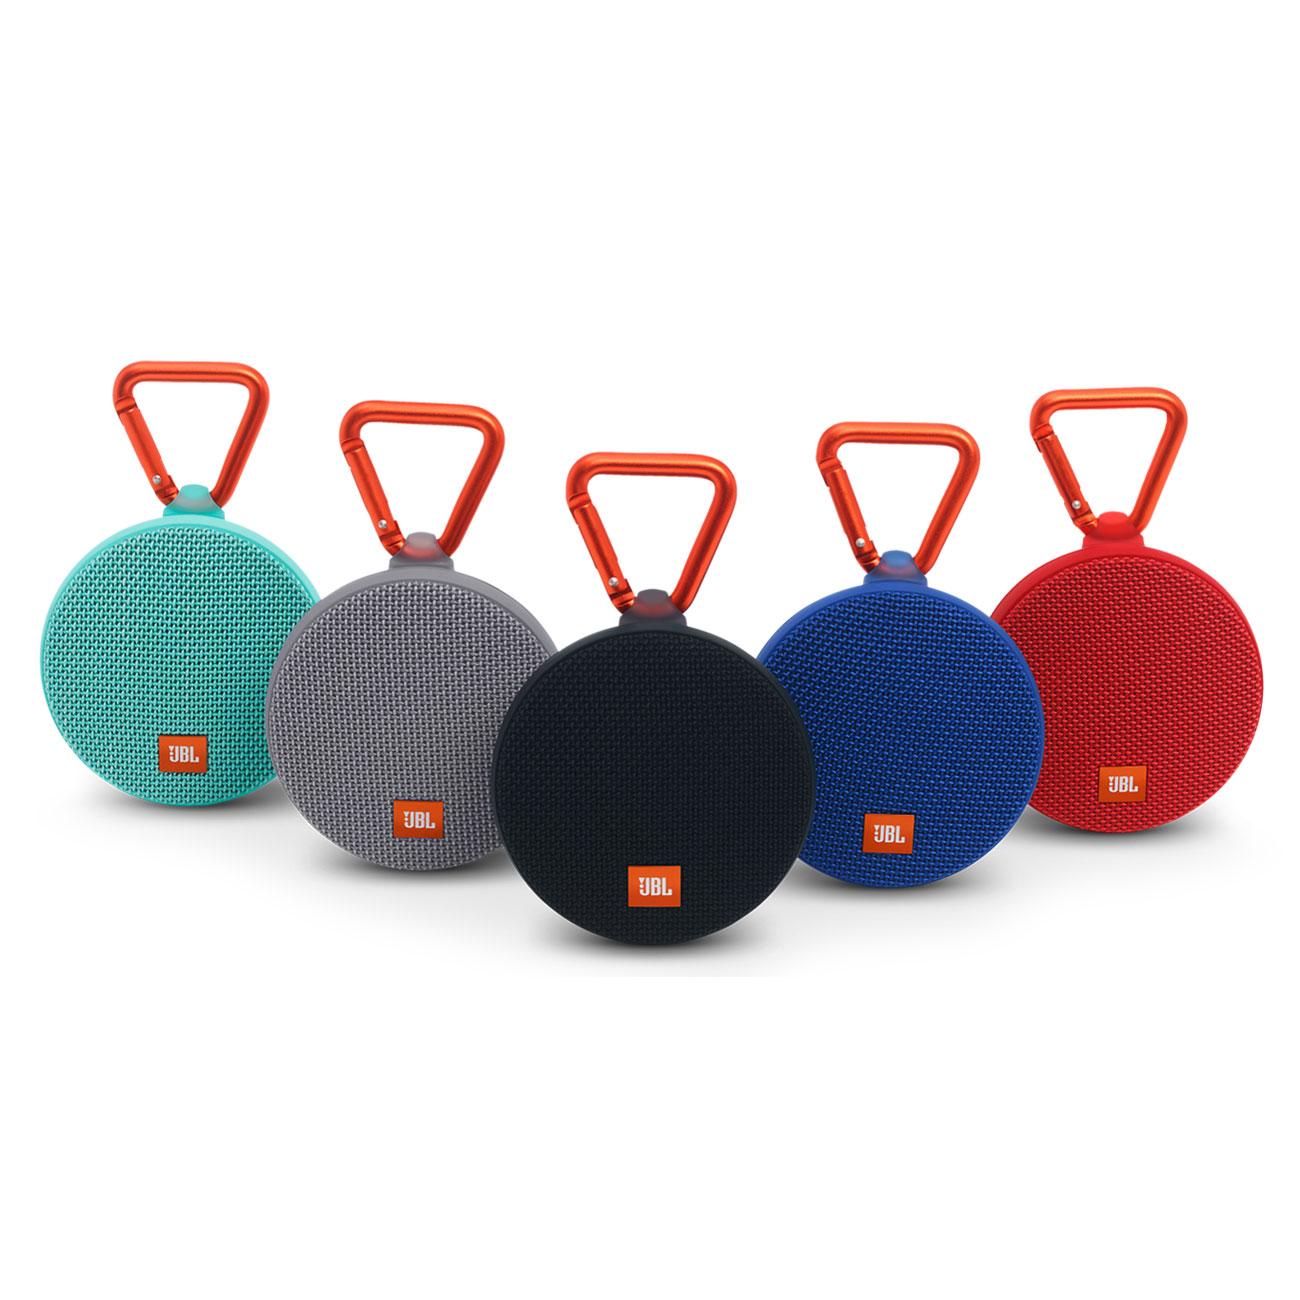 [Clients SFR] Enceinte Bluetooth JBL Clip 2 - Plusieurs coloris (via ODR de 25€ - Remboursement sur facture)